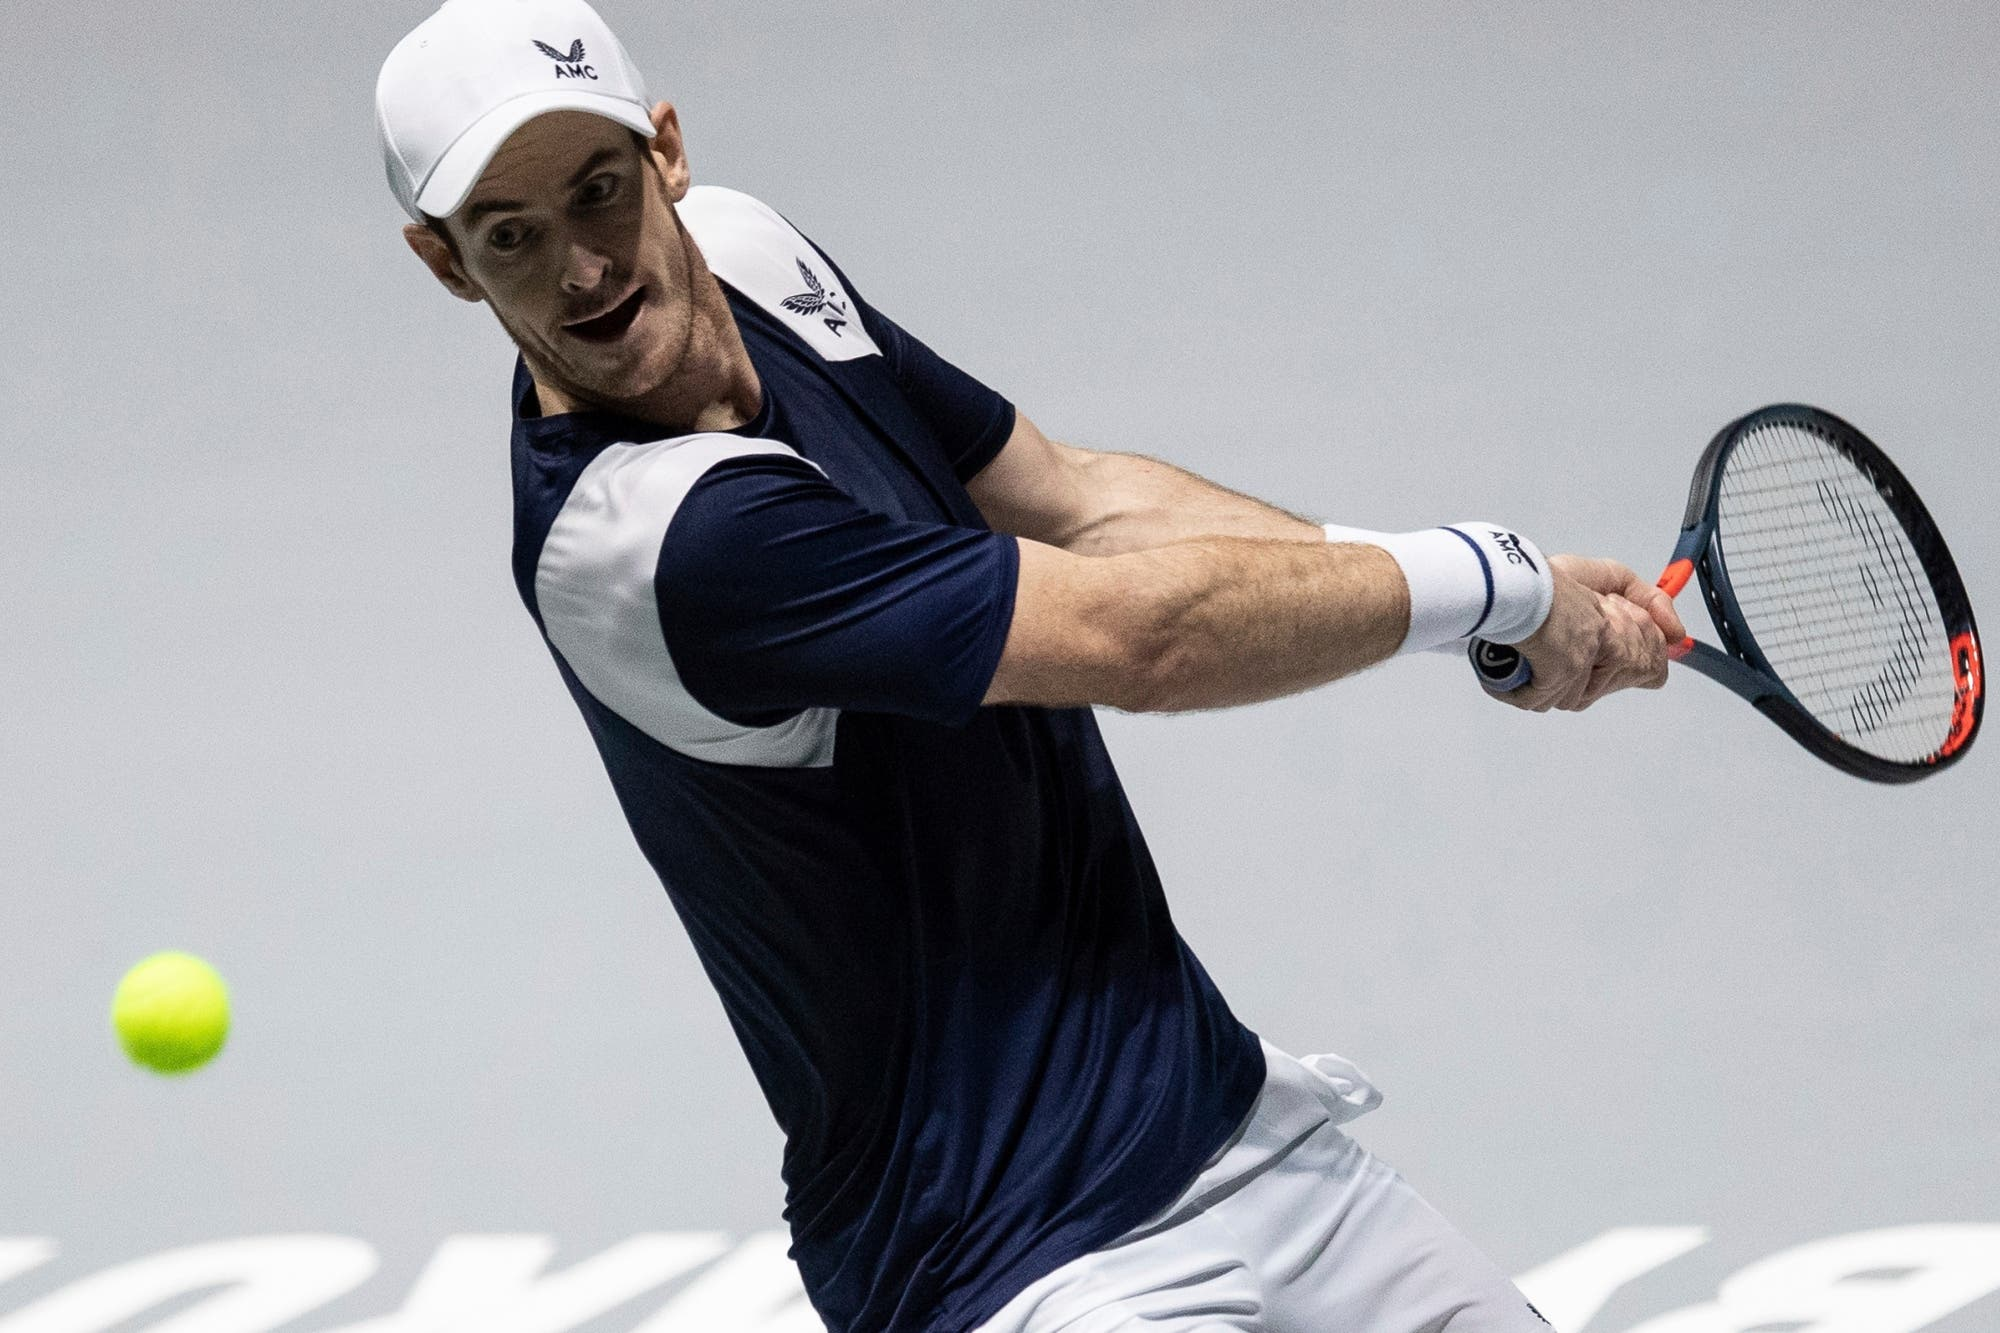 Andy Murray asegura que está curado de su cadera y le apunta al Abierto de Australia